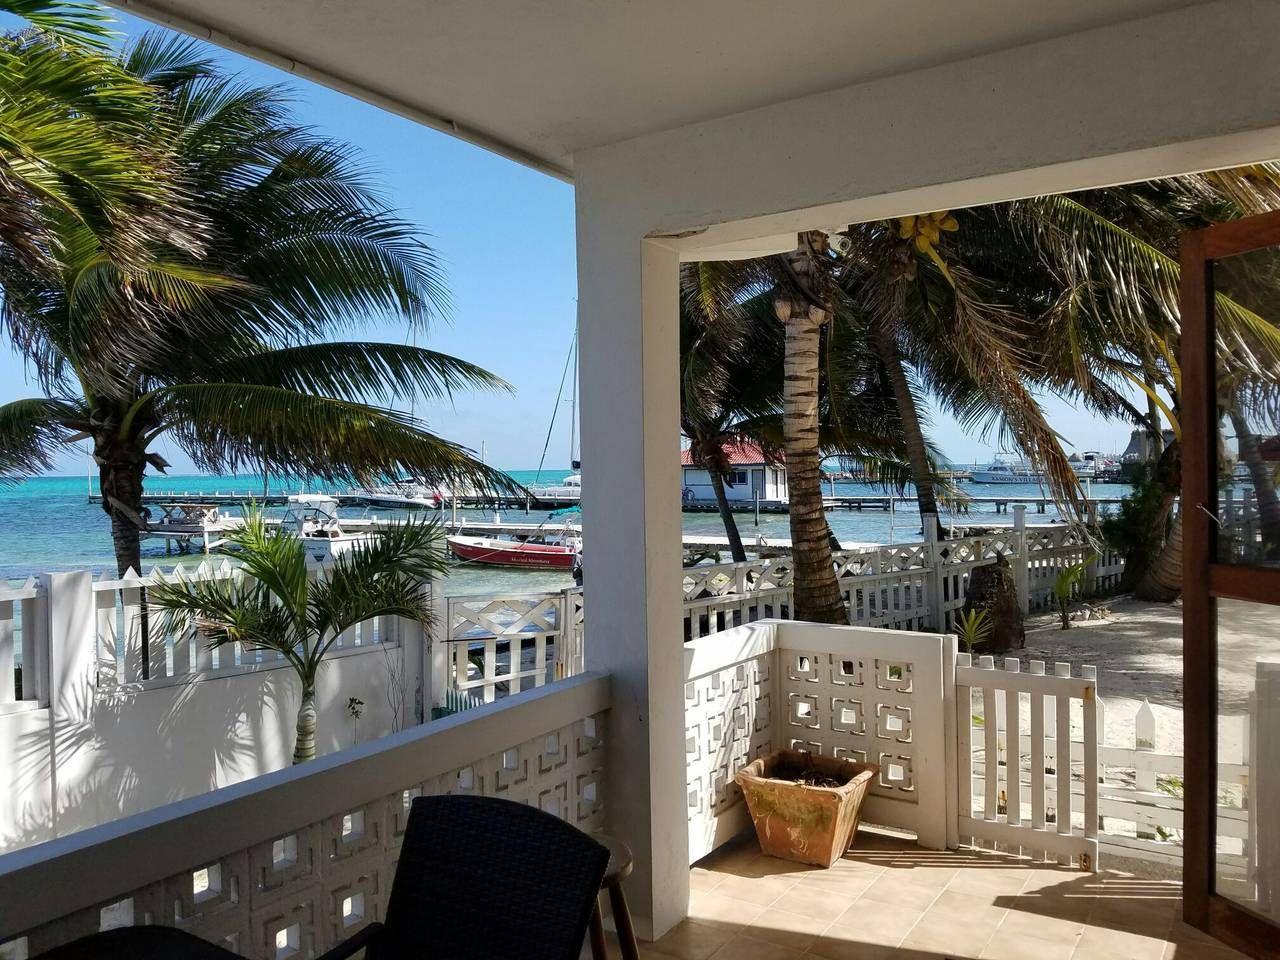 Beach House San Bedro Belize View